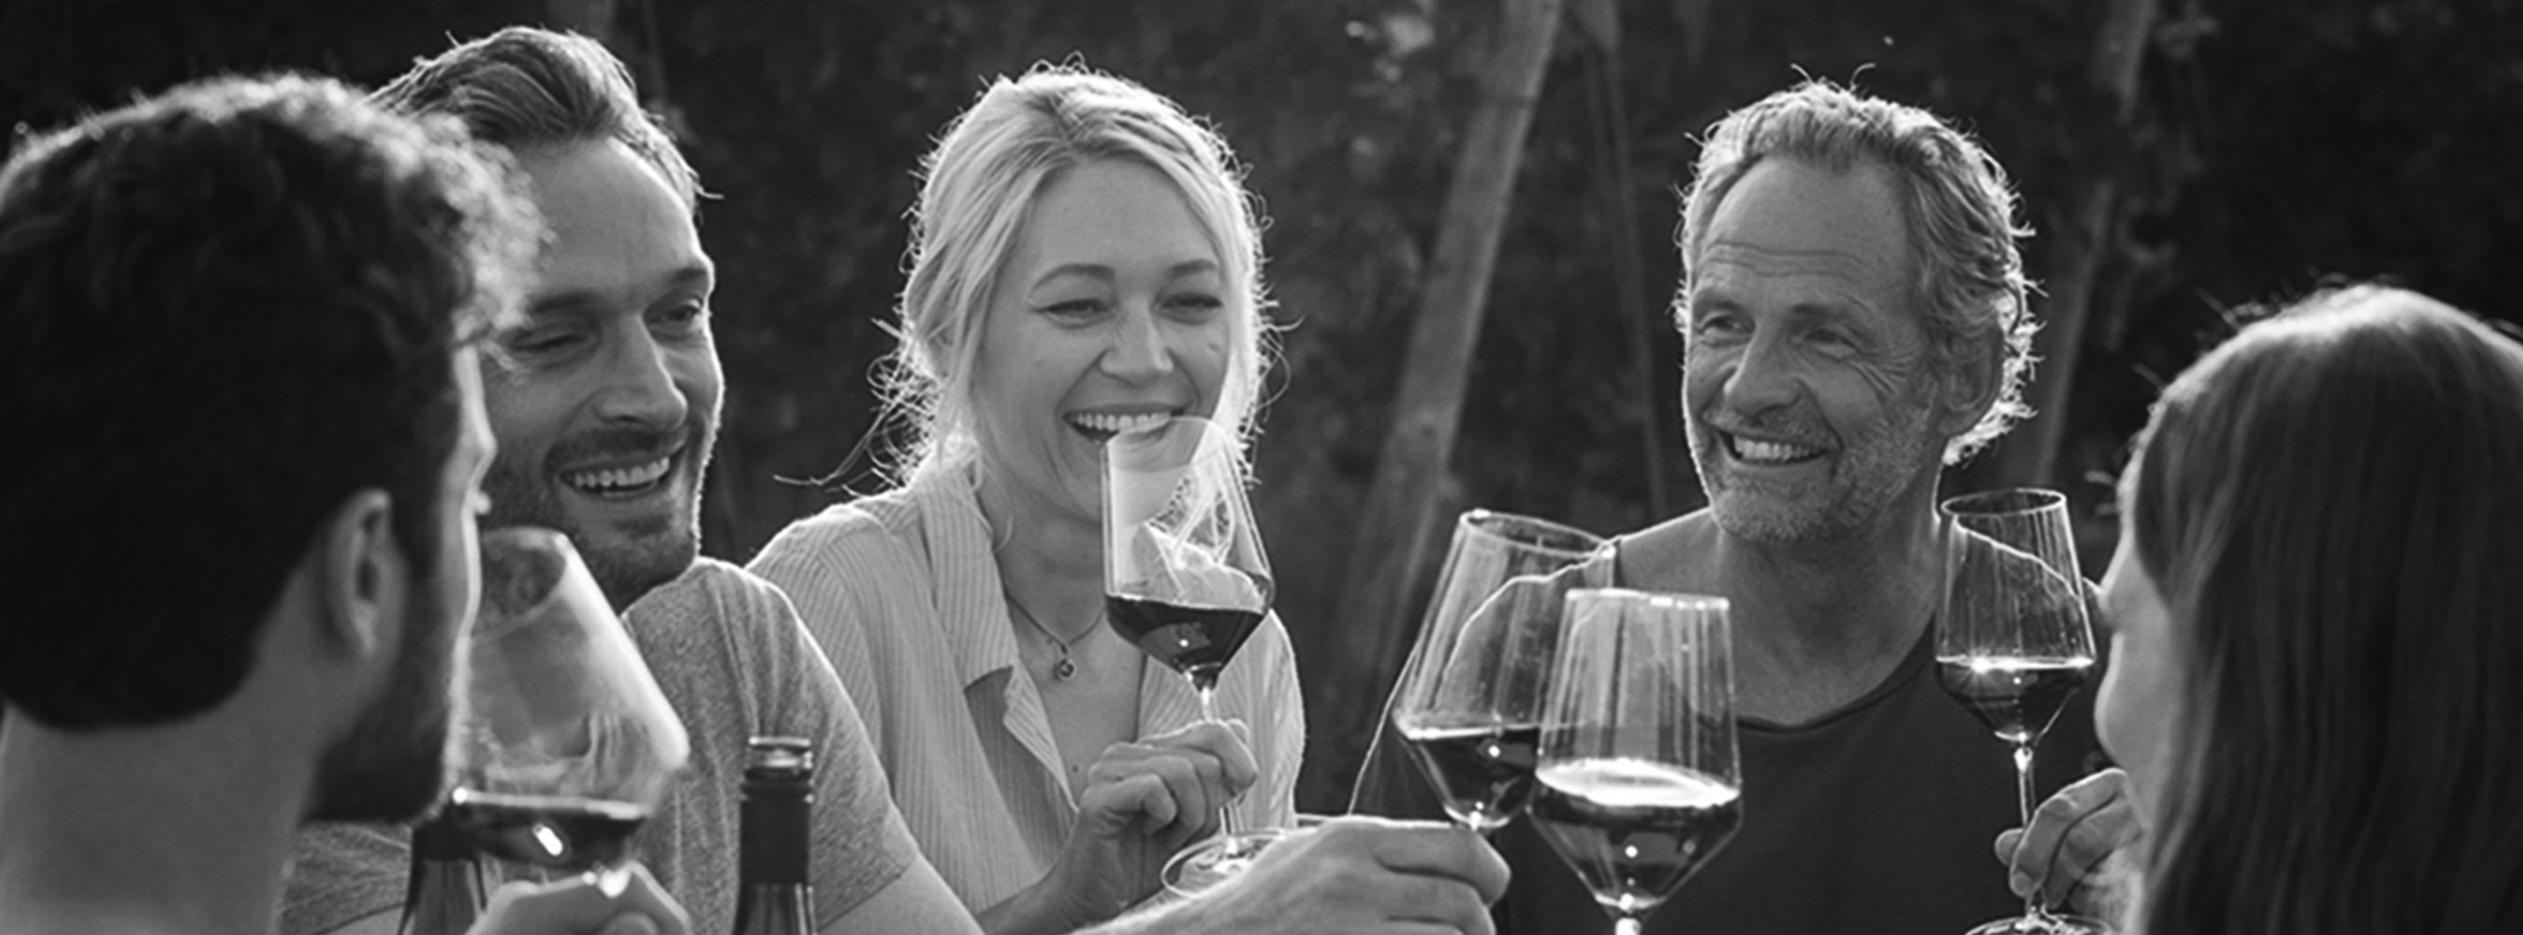 Gruppe die badischen Wein trinkt